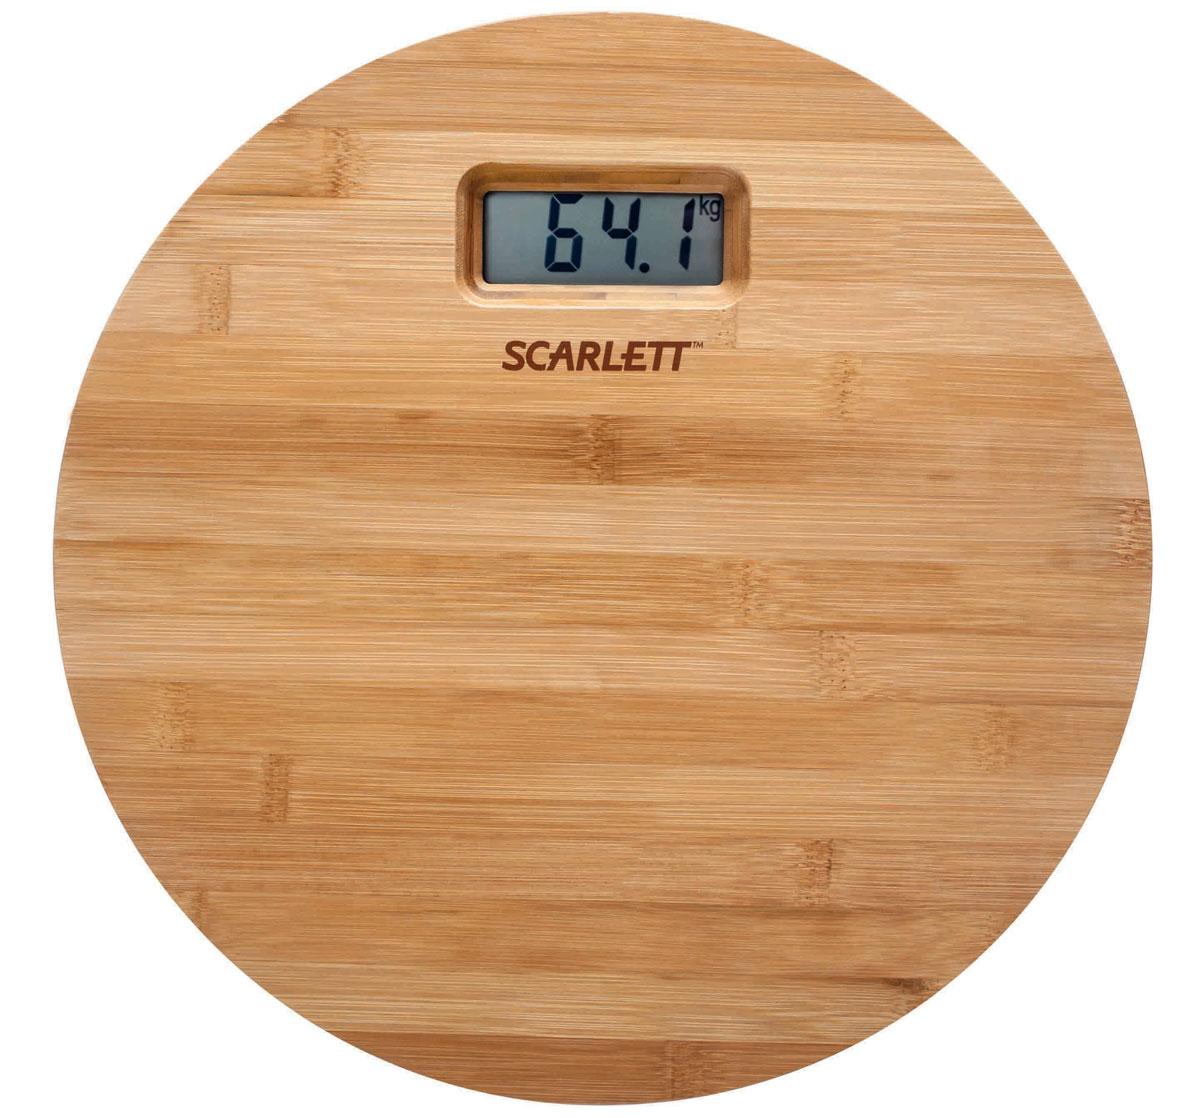 Scarlett SC-BS33E061, Bamboo весы напольные какой фирмы напольные весы лучше купить